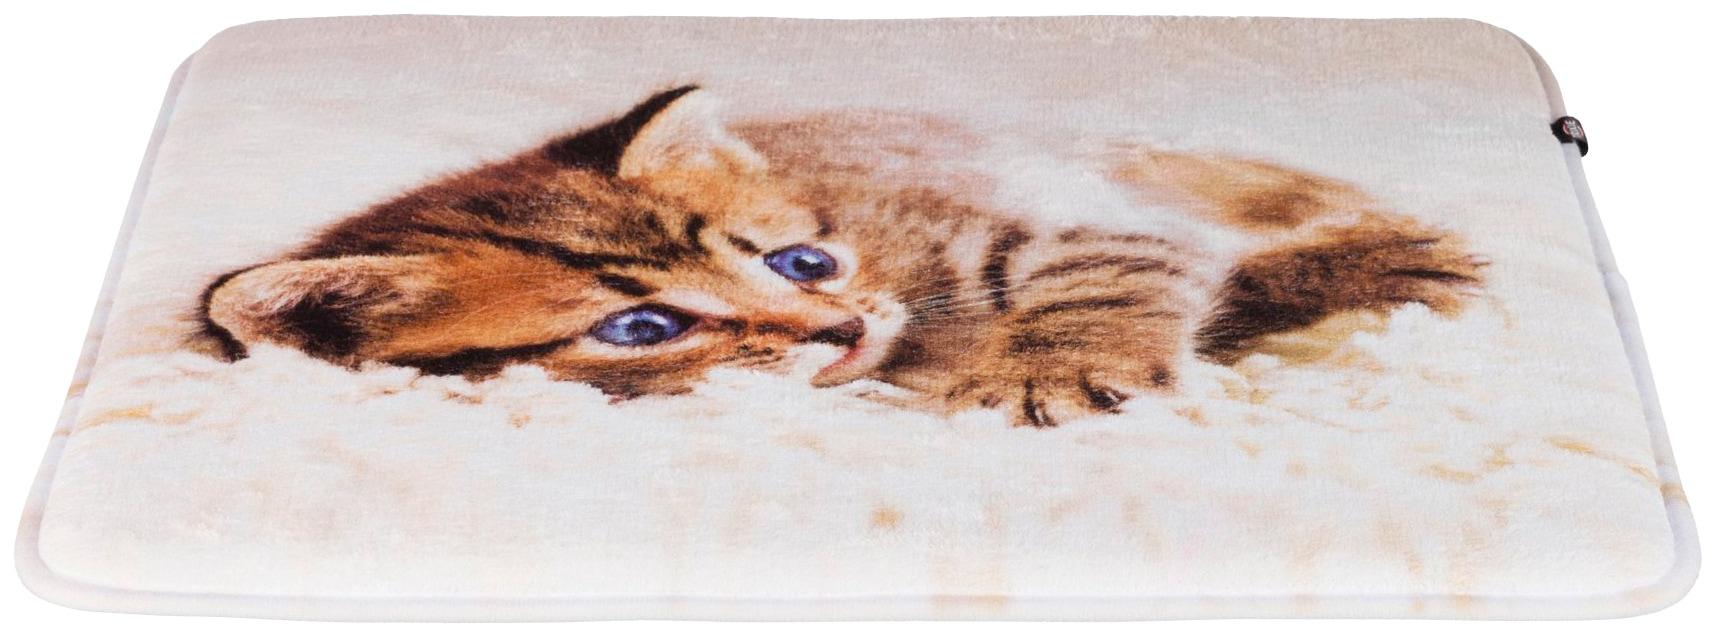 TRIXIE Katzenliege Fensterliege Tilly, LxB: 50x40 cm beige Katzenkörbe -kissen Katze Tierbedarf